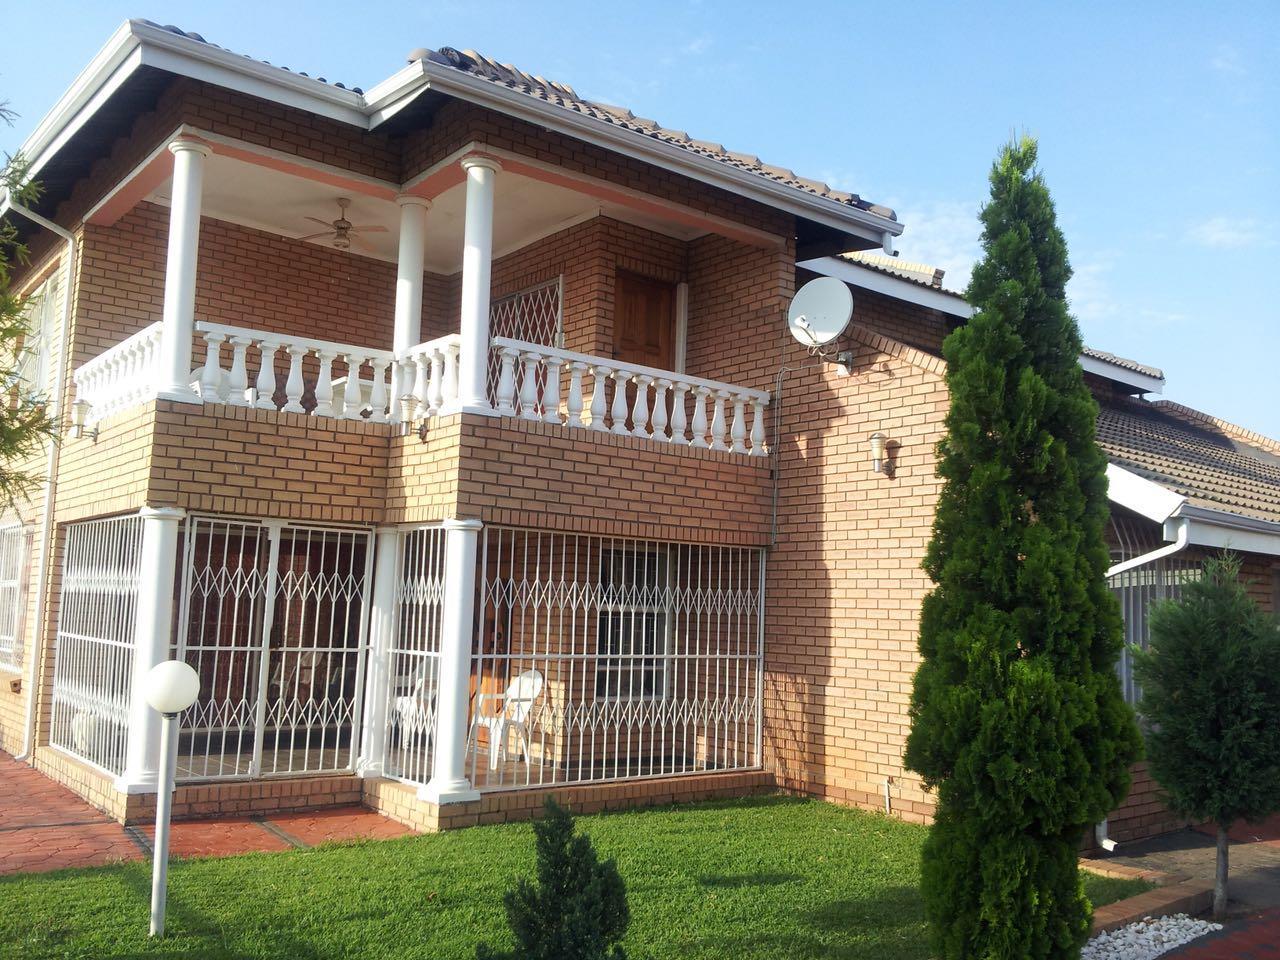 8 bedroom House in Soshanguve DD | RE/MAX